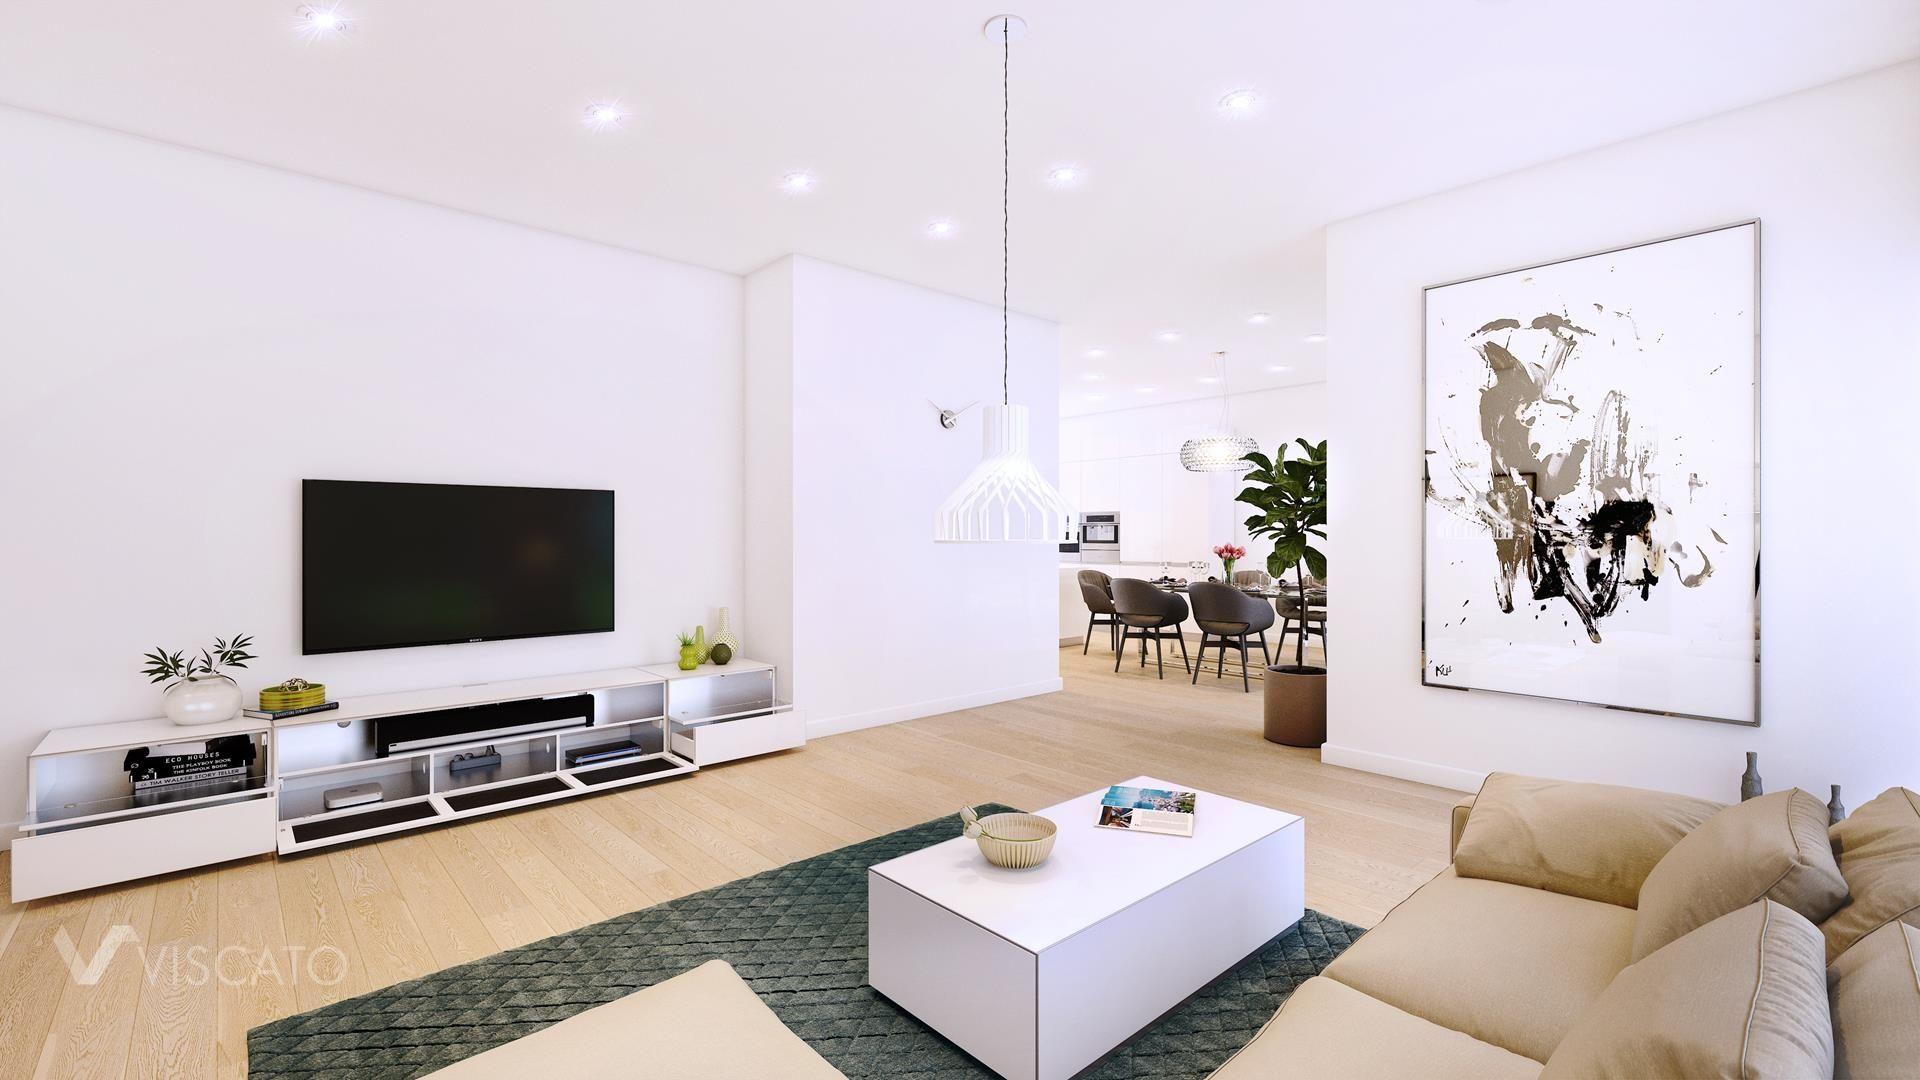 Furniture Tv Set 3d Visualization Furniture Room Design Home Decor #tv #set #for #living #room